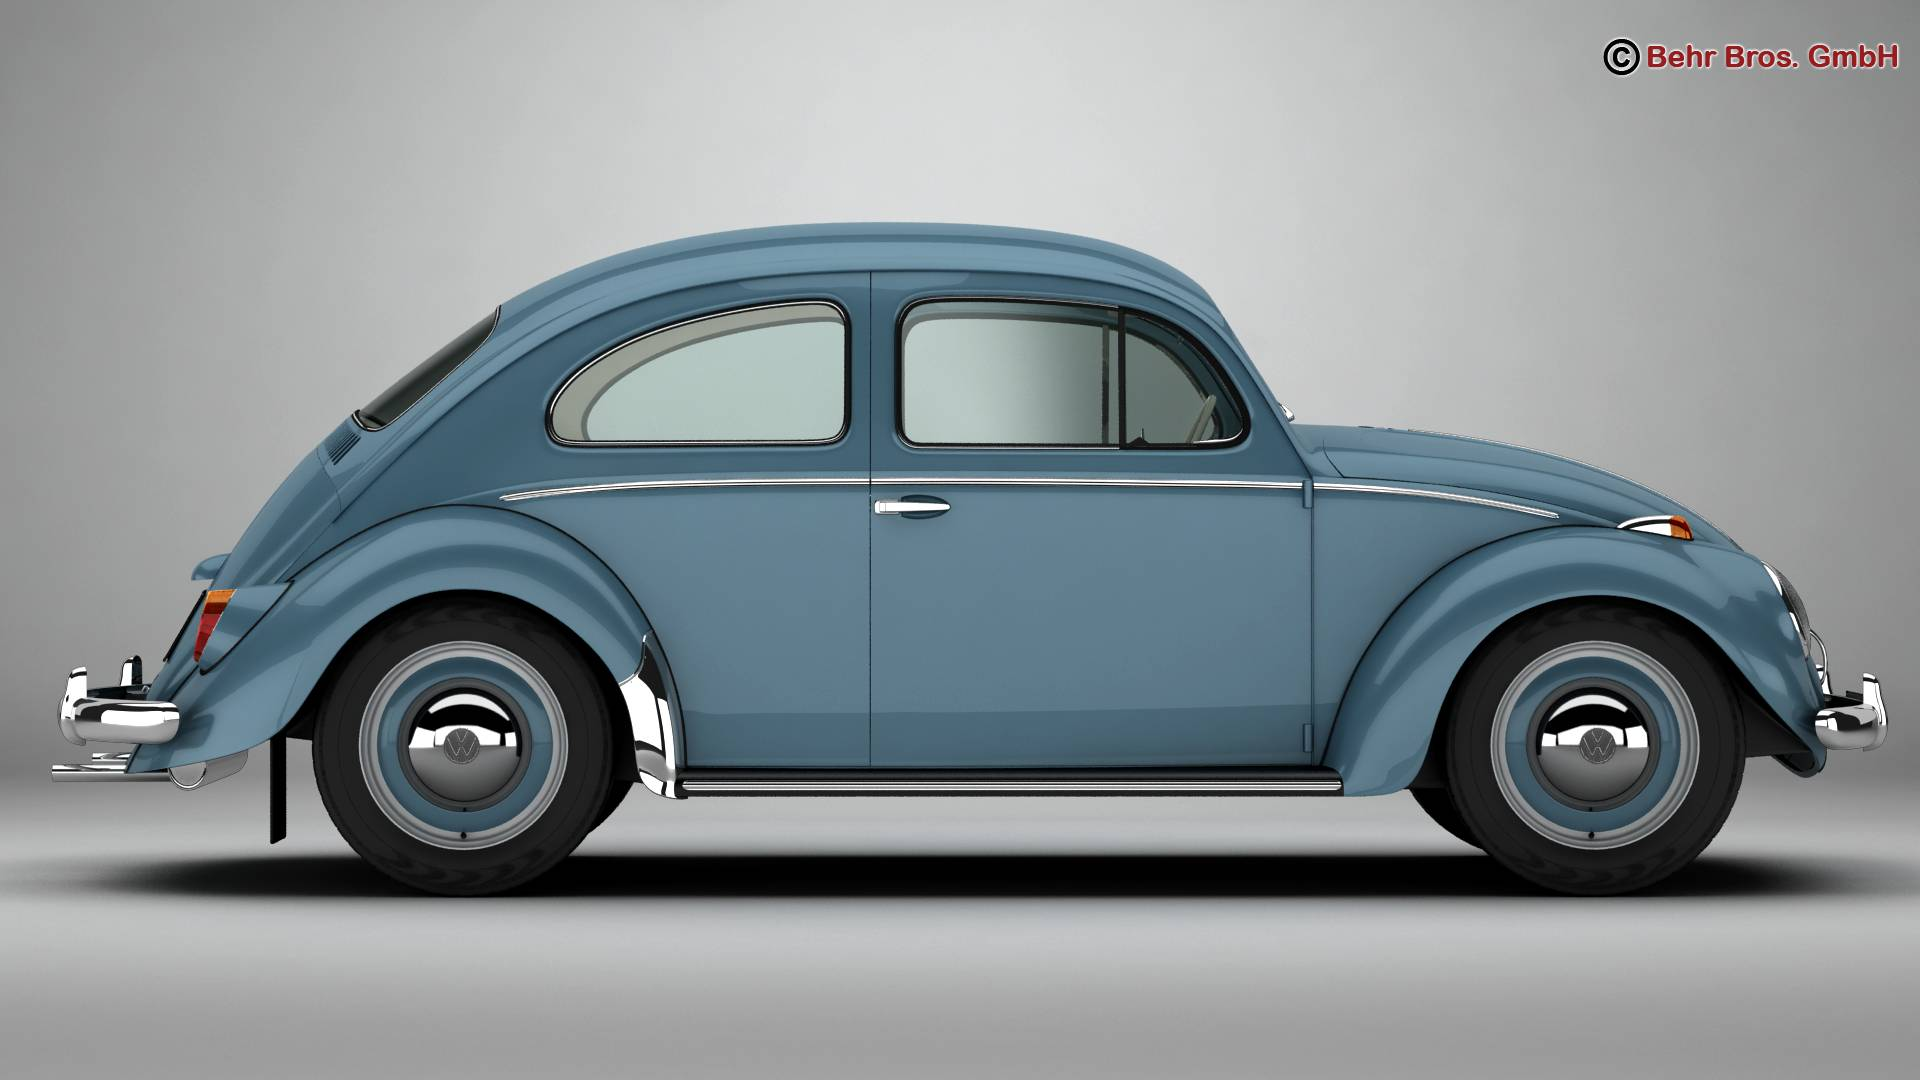 volkswagen beetle 1963 1200 deluxe 3d model 3ds max fbx c4d lwo ma mb obj 220277